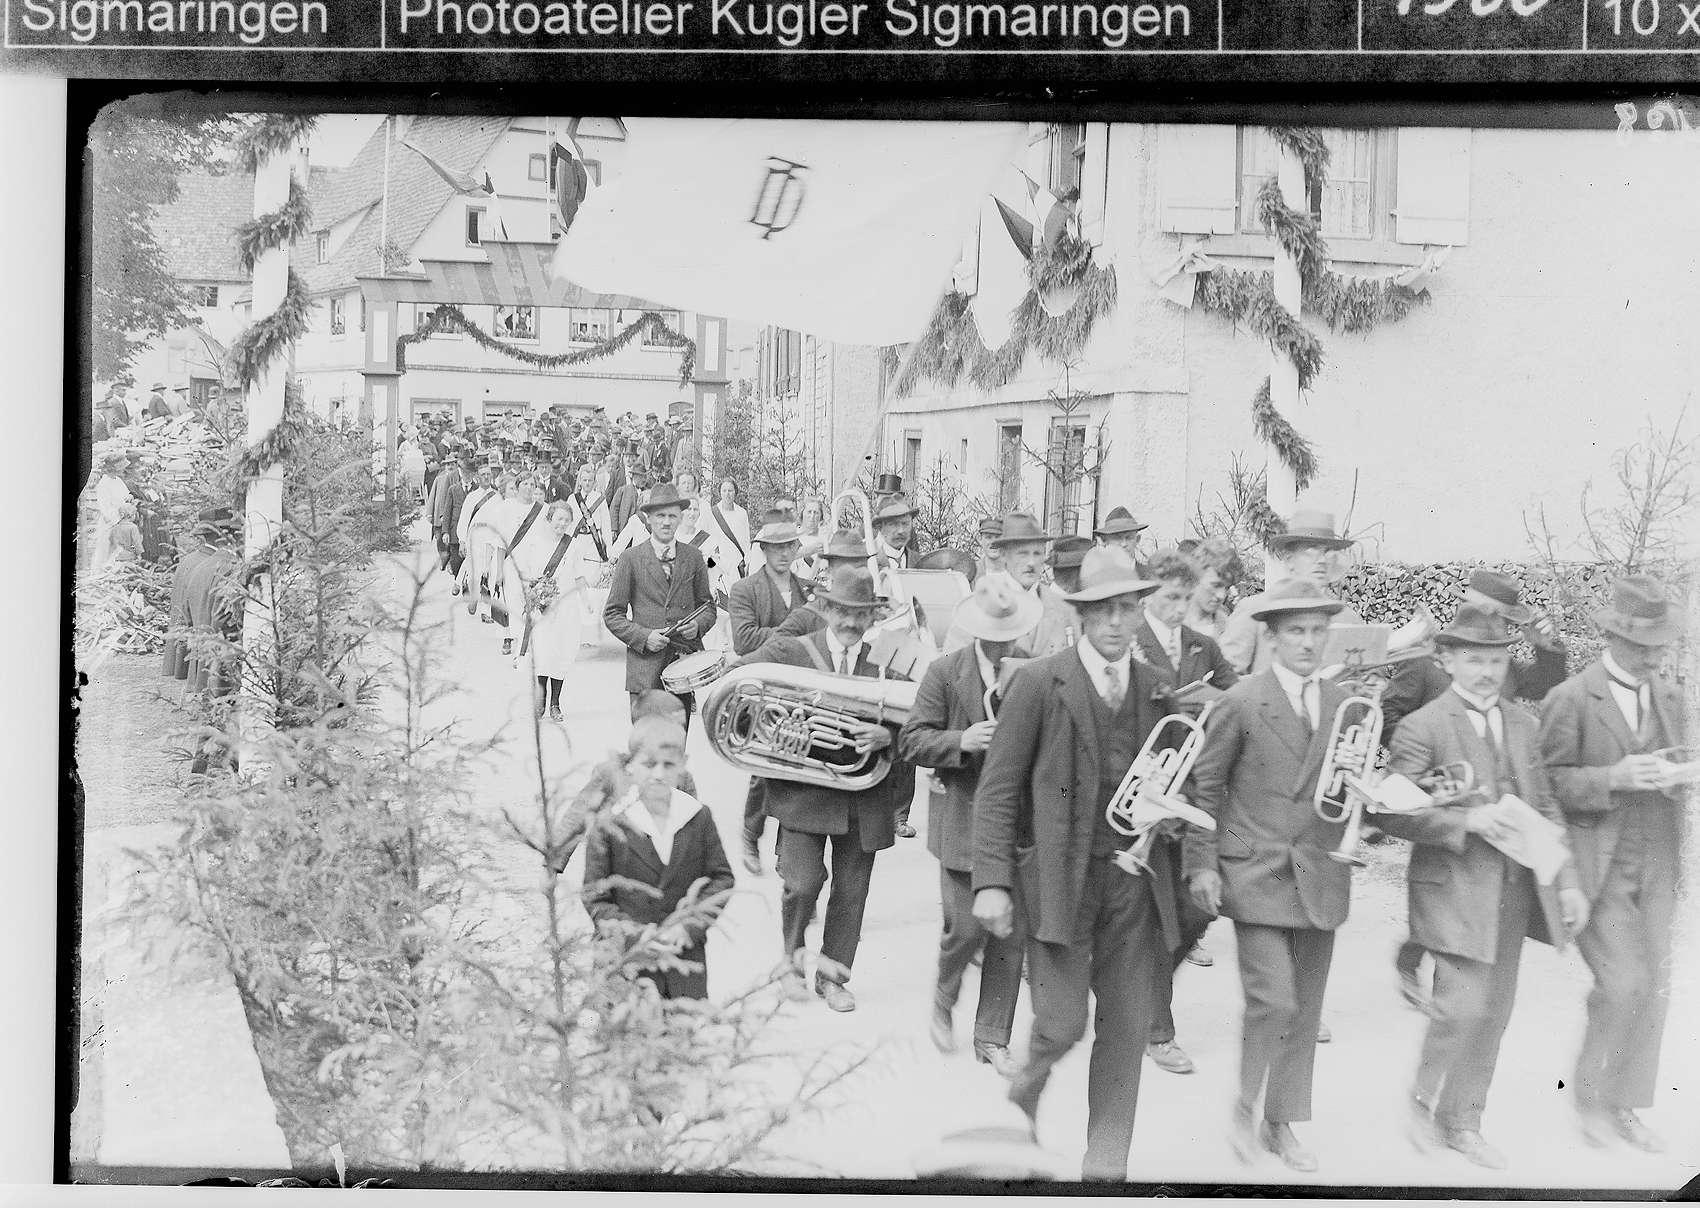 Gauturnfest des Turngaus Hohenzollern in Sigmaringendorf; Musikkapelle, Bild 1